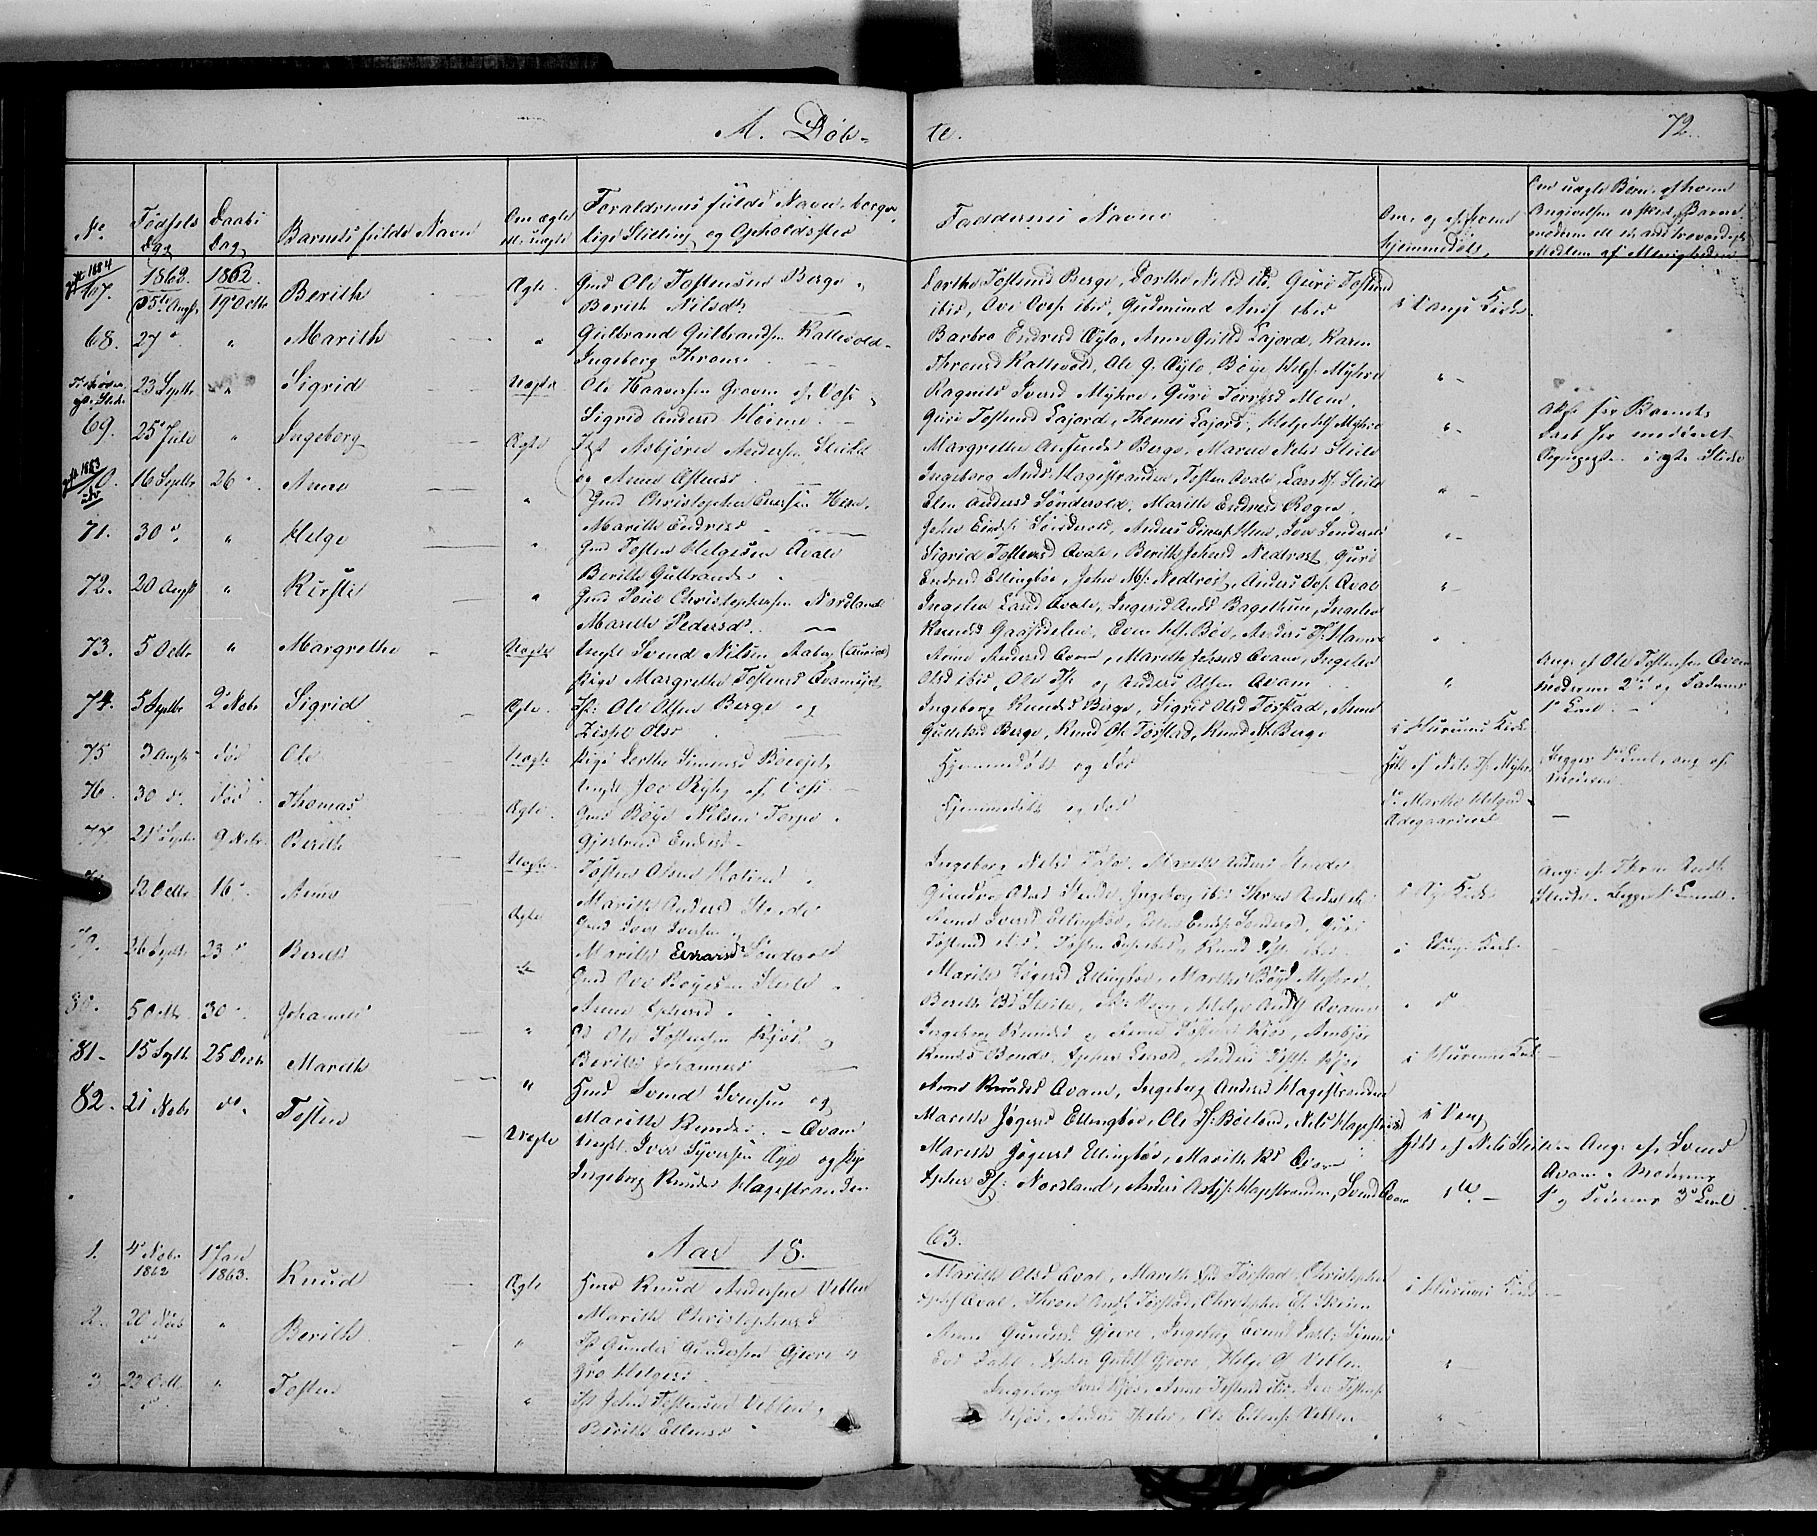 SAH, Vang prestekontor, Valdres, Ministerialbok nr. 6, 1846-1864, s. 72